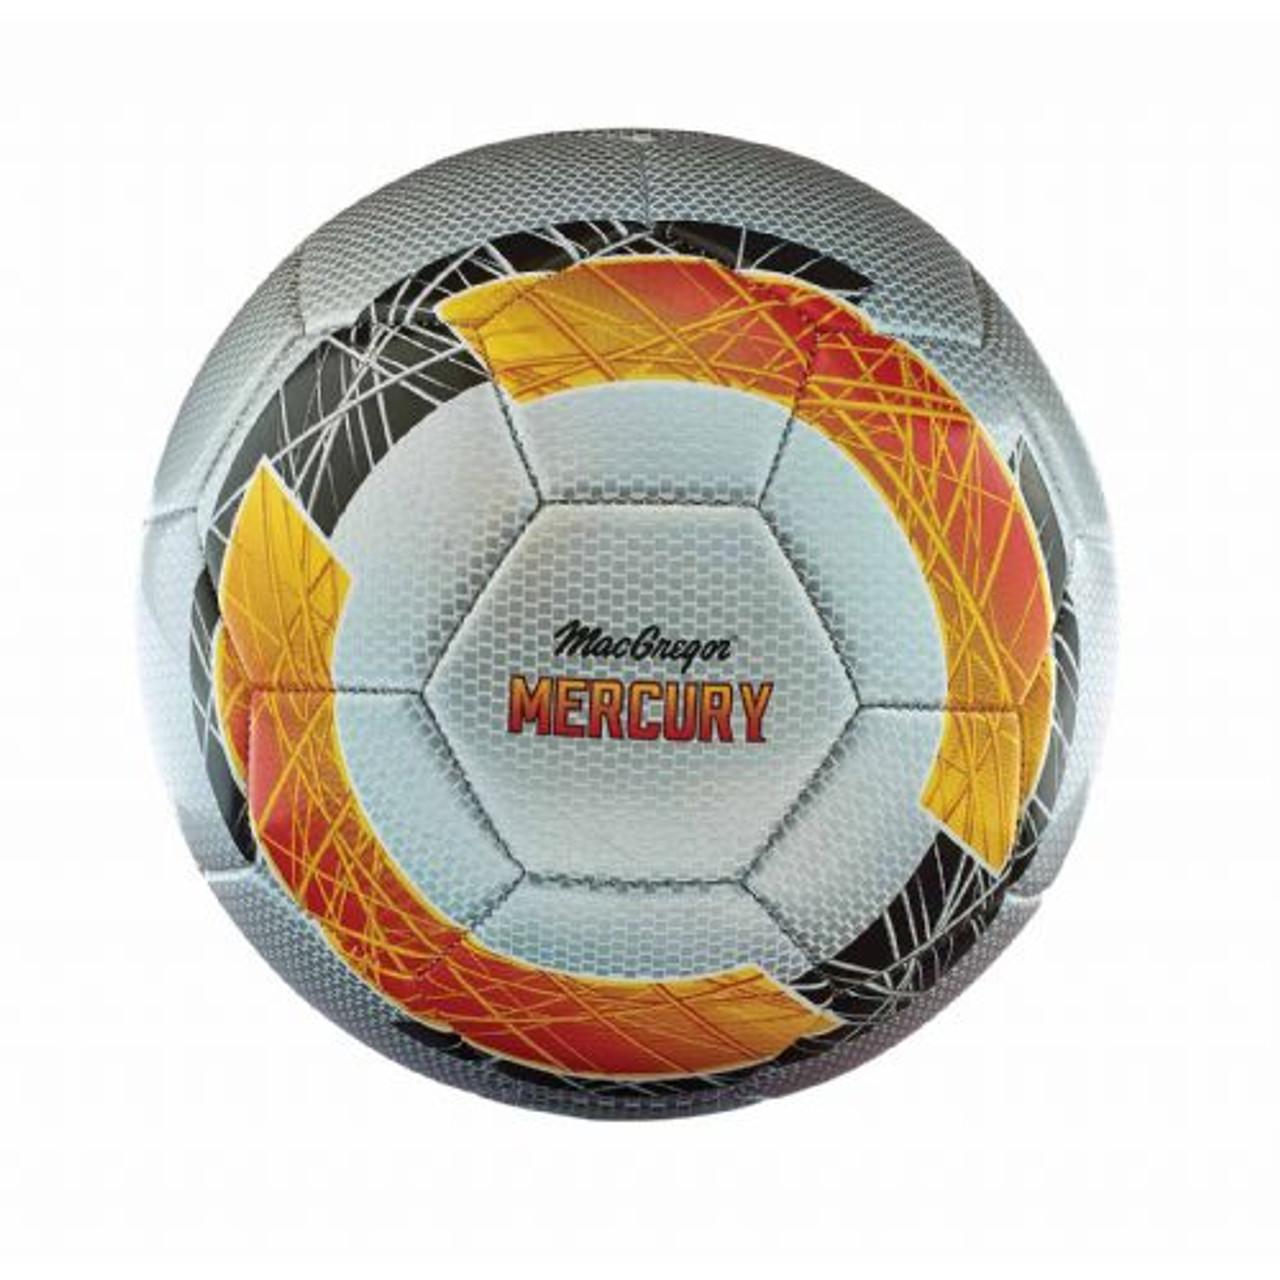 MacGregor Mercury Club Soccer Balls2